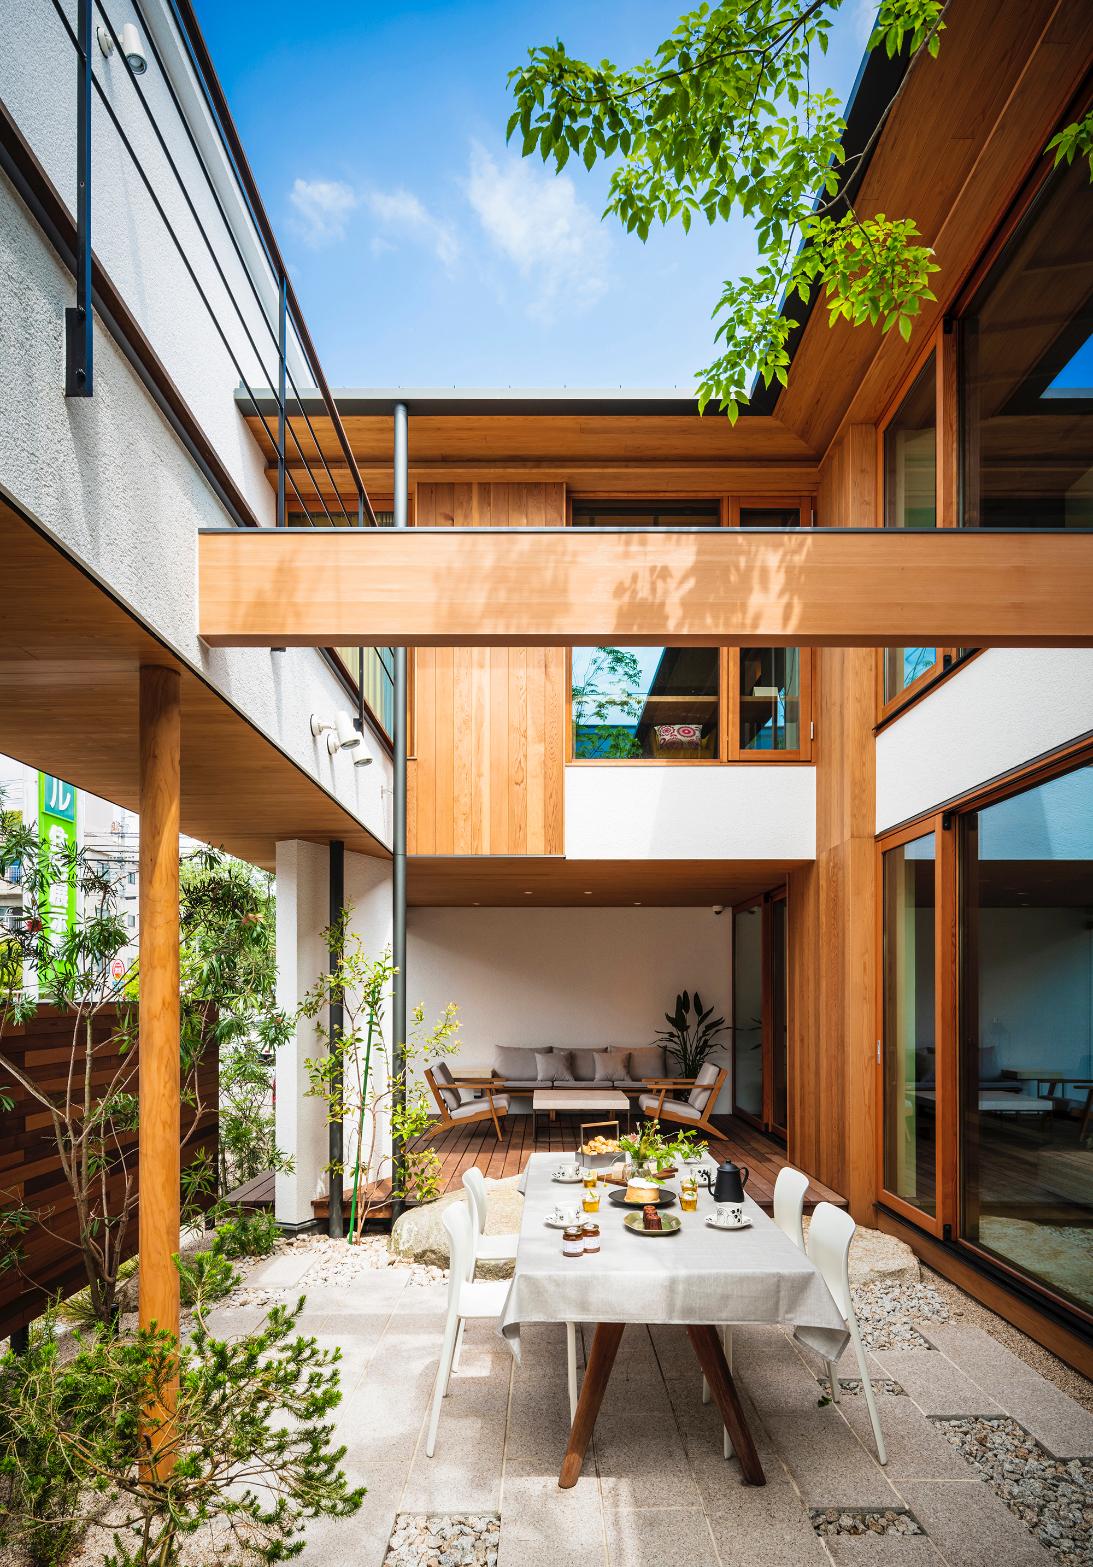 GRAN ARCHITECTの新しい暮らし方の提案